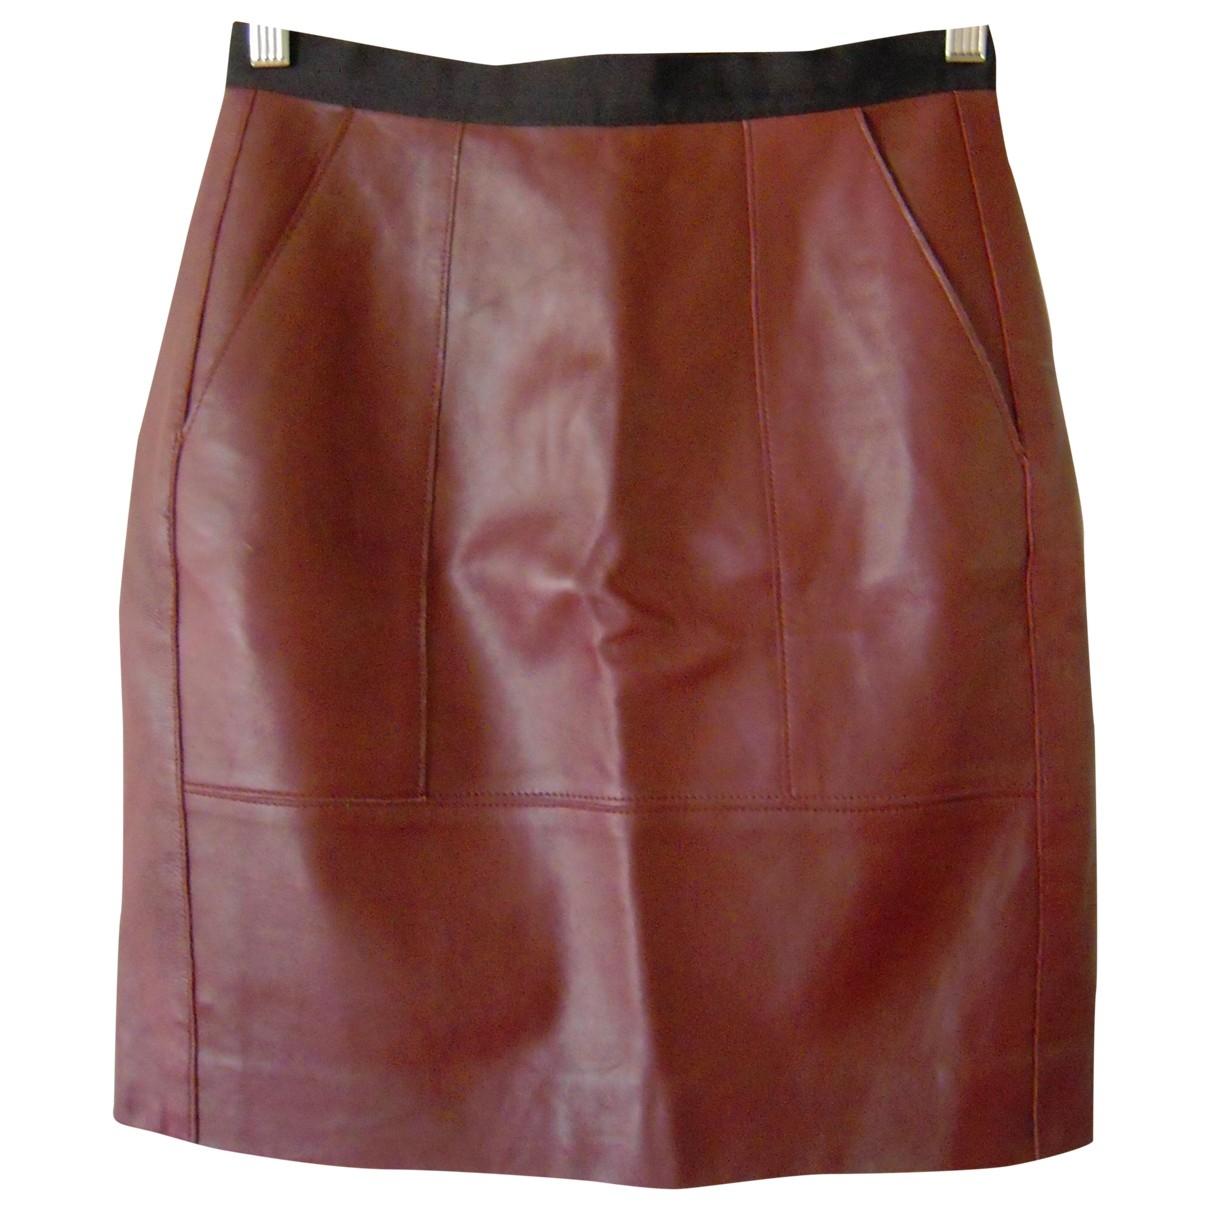 Sandro \N Burgundy Leather skirt for Women 1 0-5